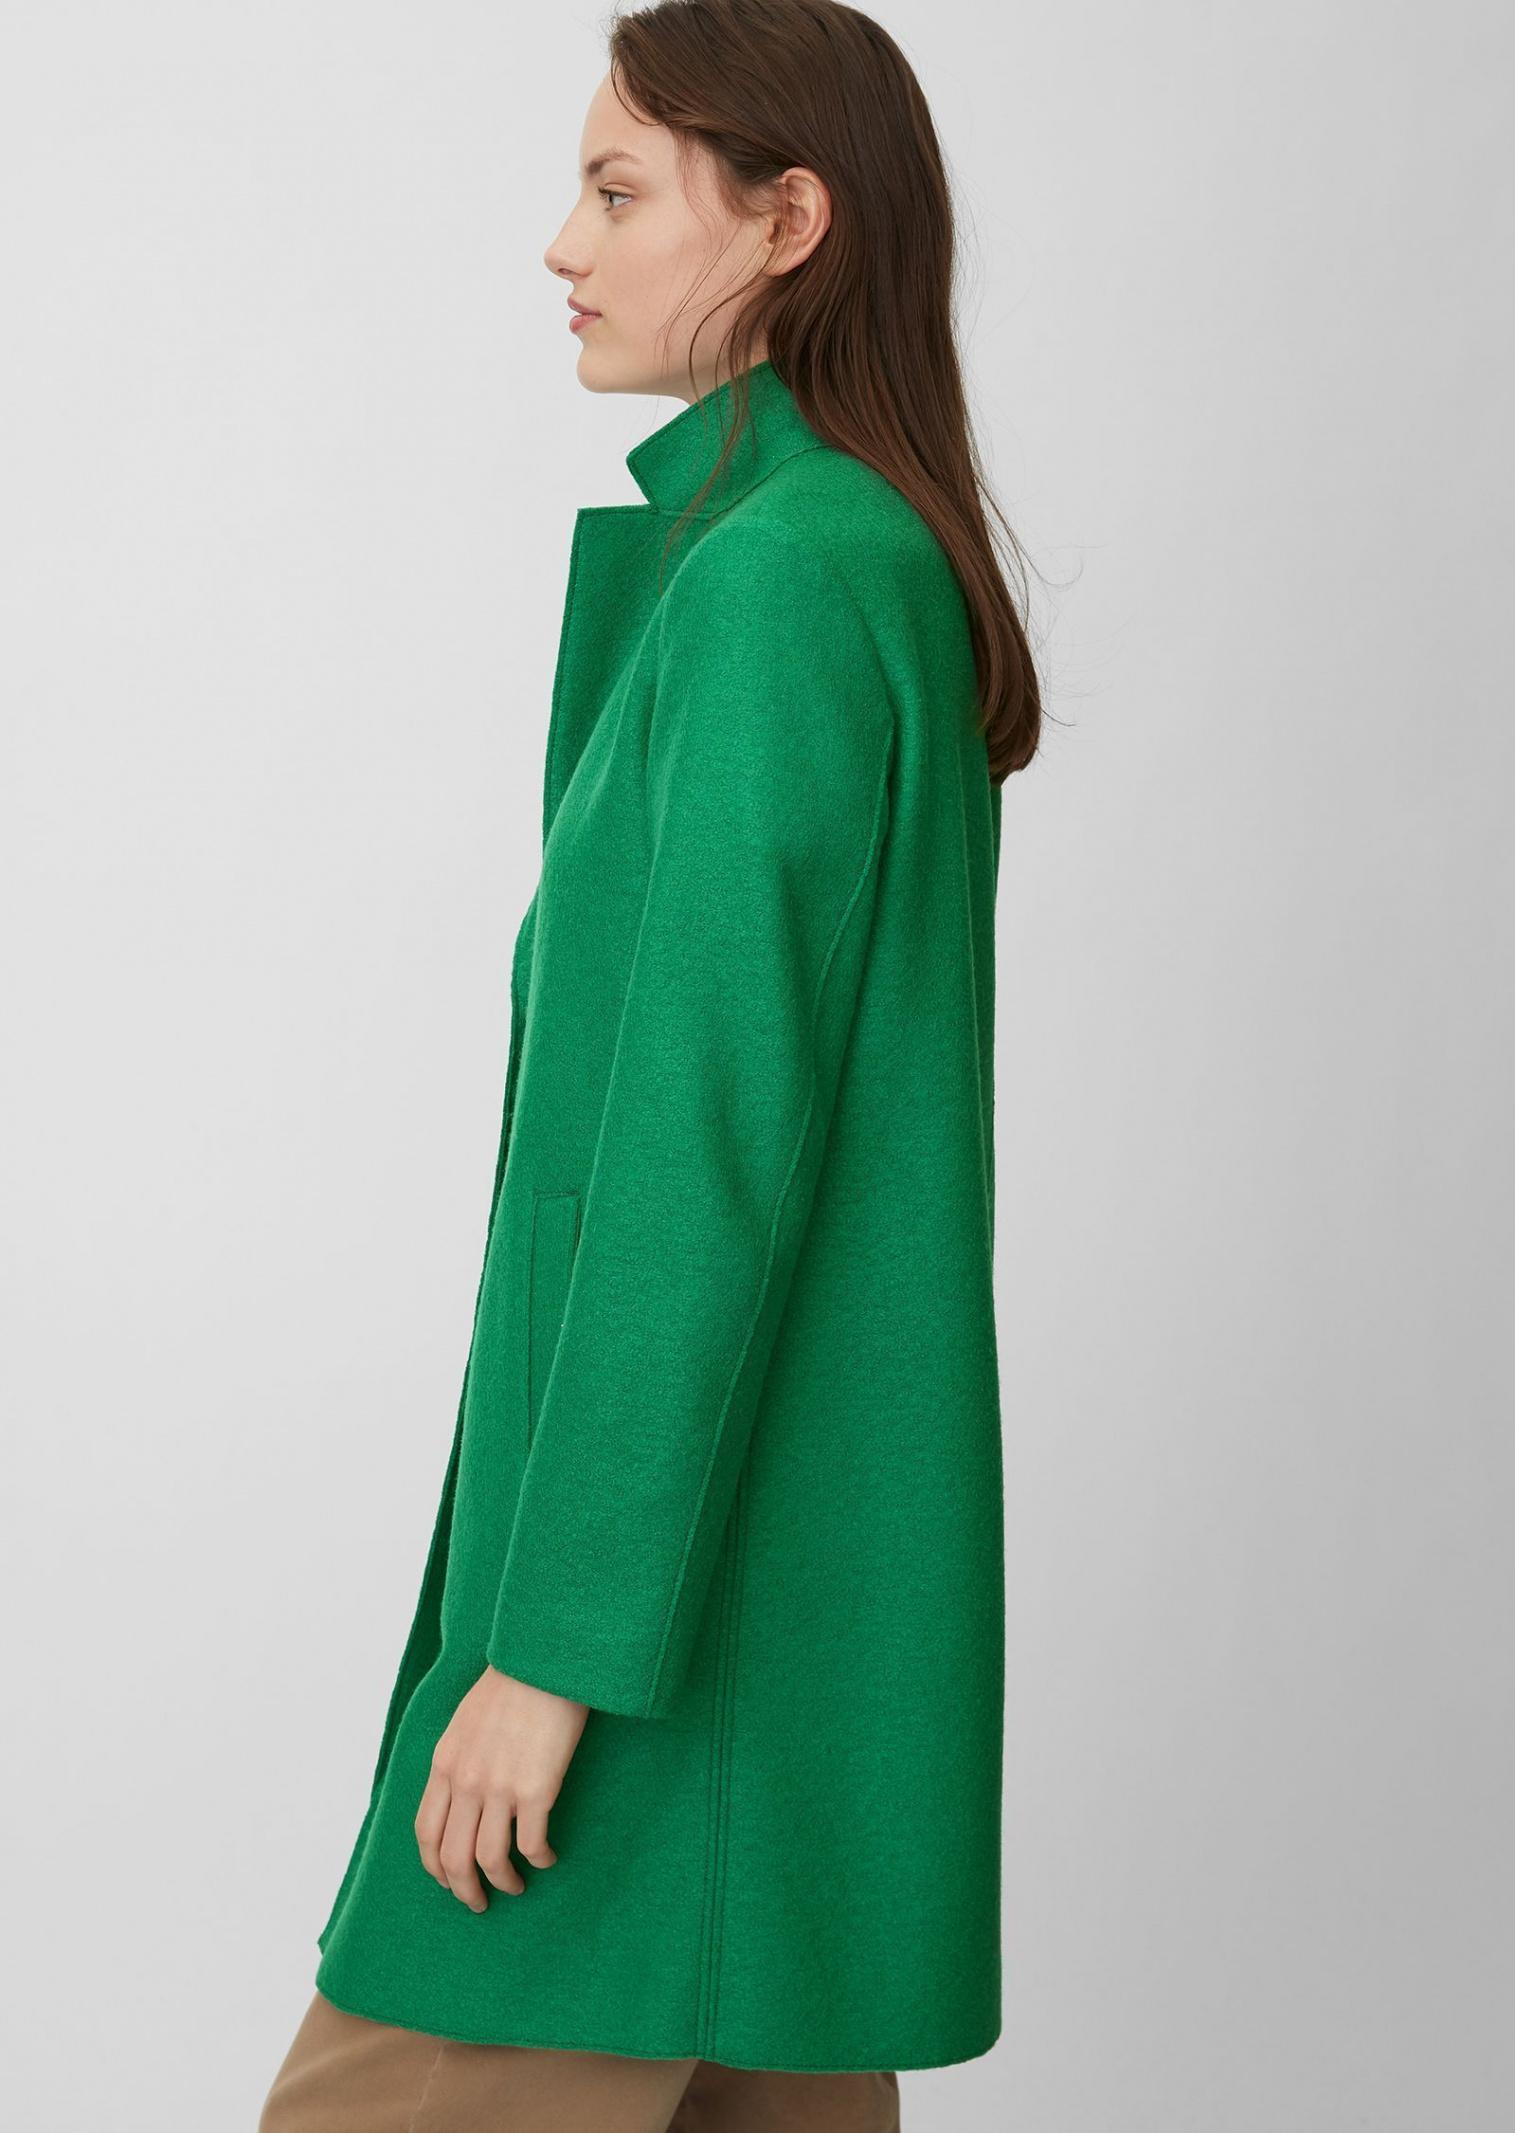 Пальто женские MARC O'POLO модель PD720 , 2017